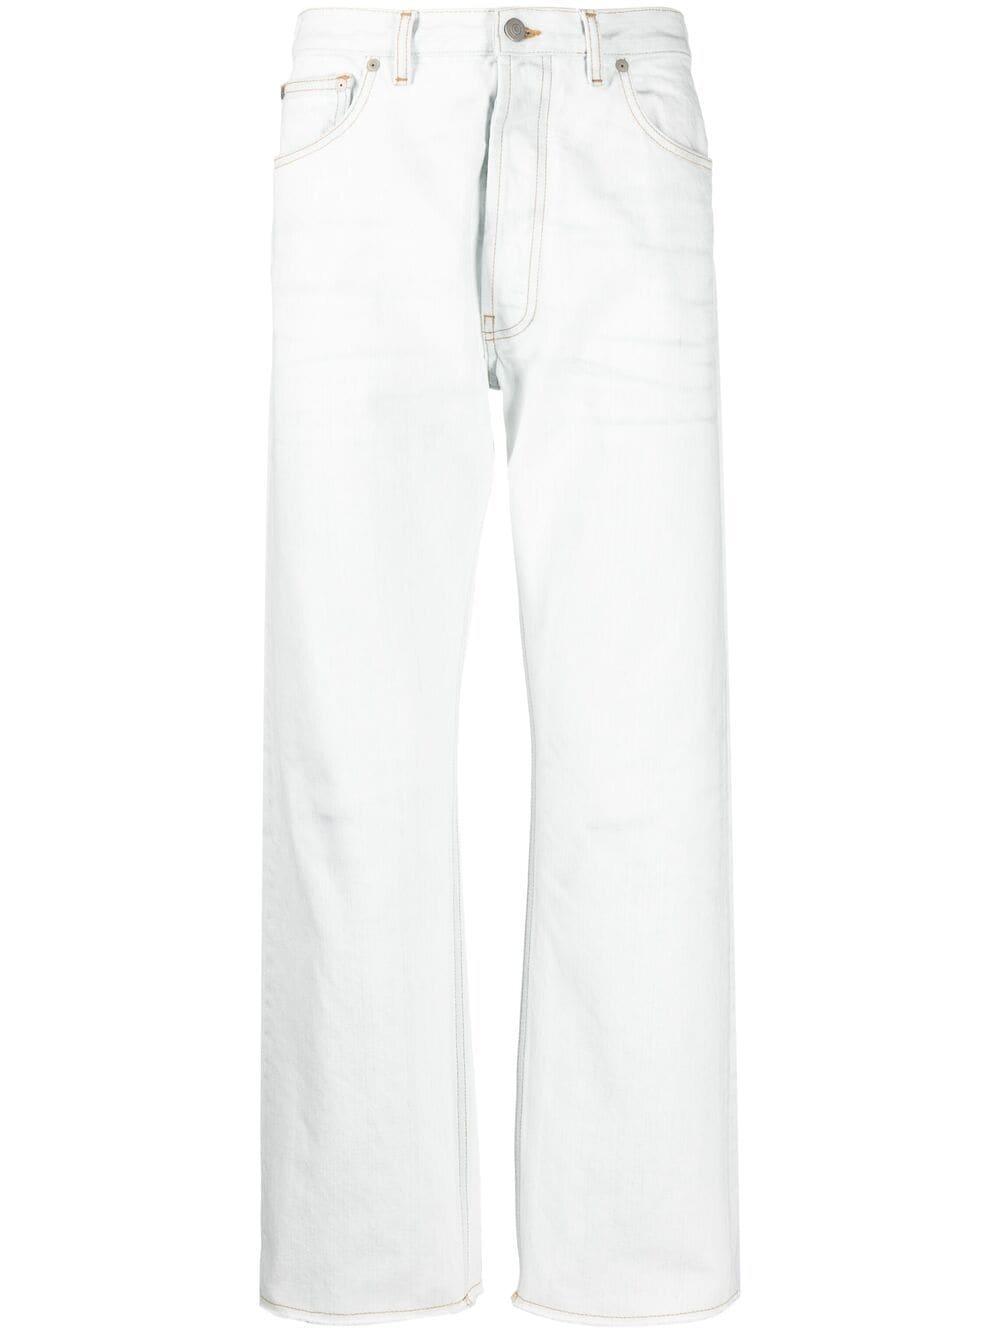 MAISON MARGIELA | Jeans | S50LA0178 S30736962